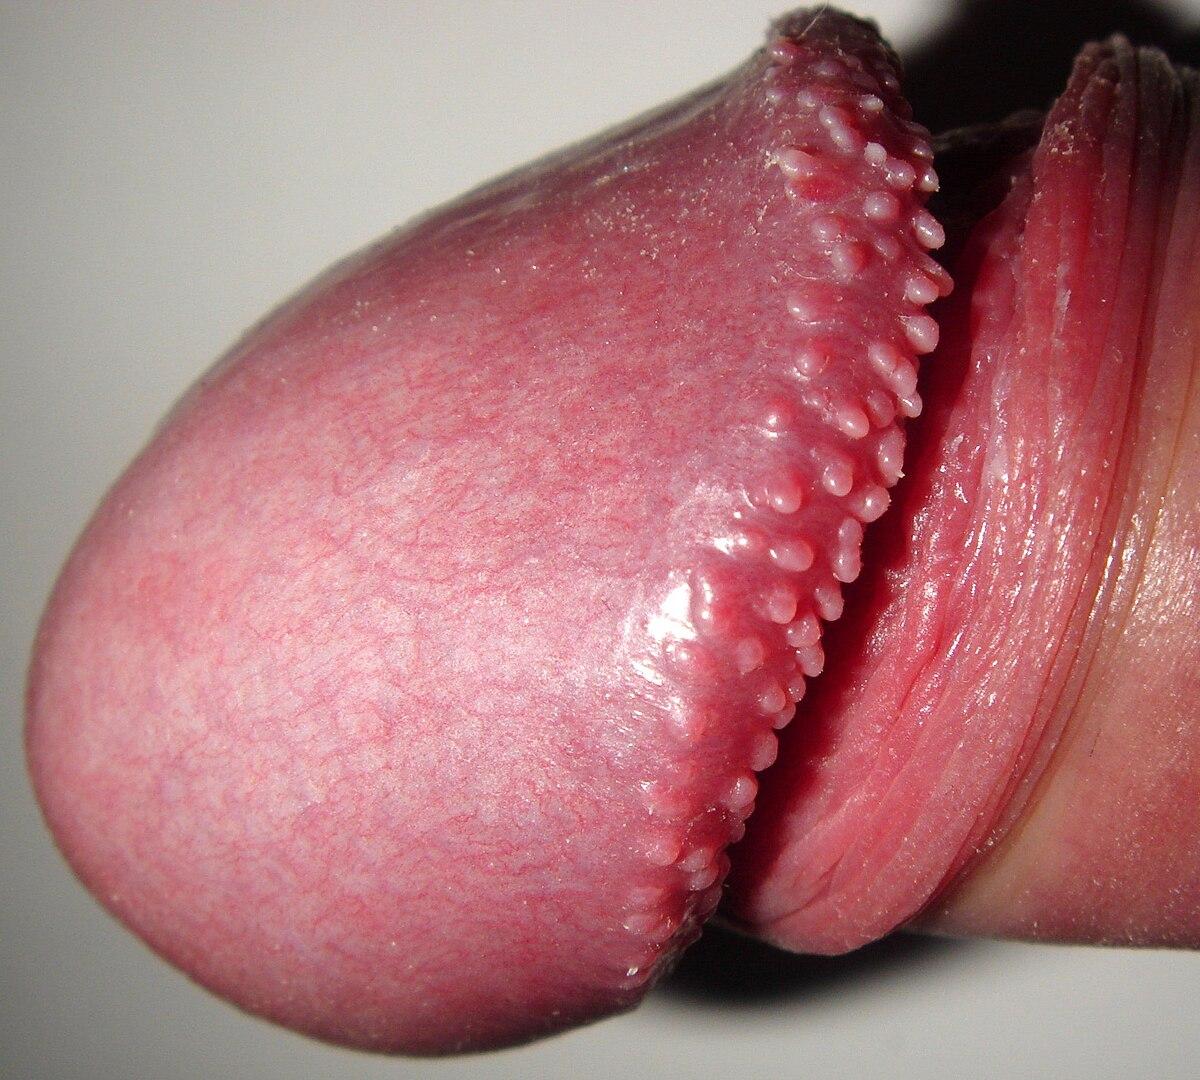 Pupulele perlate pe capul penisului: cauze și tratament